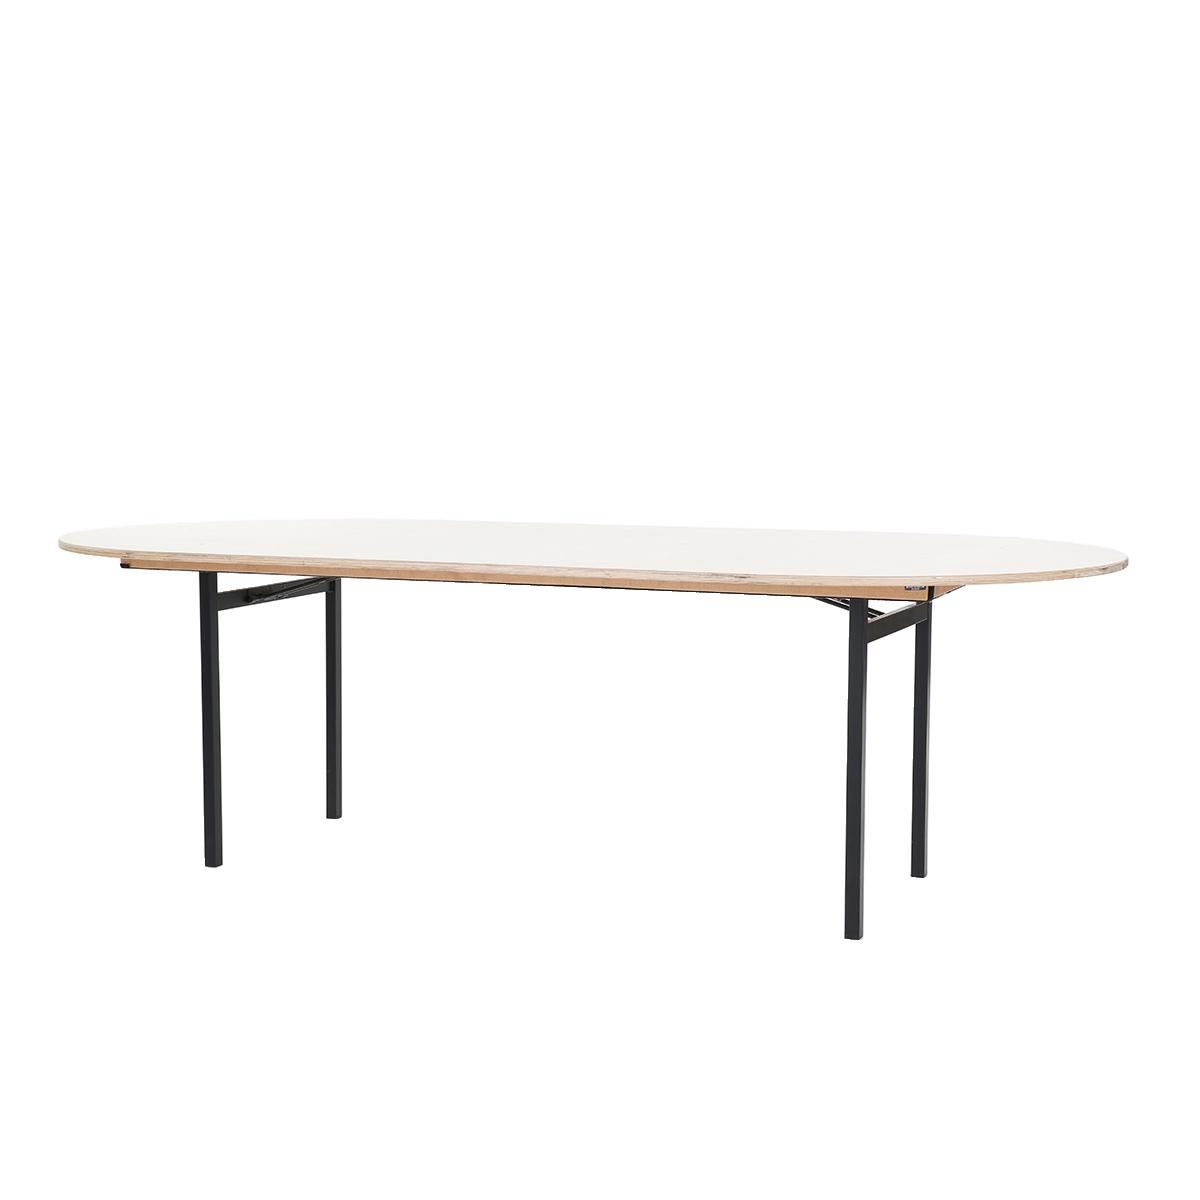 dieeventausstatter Banketttisch oval 120x240 cm